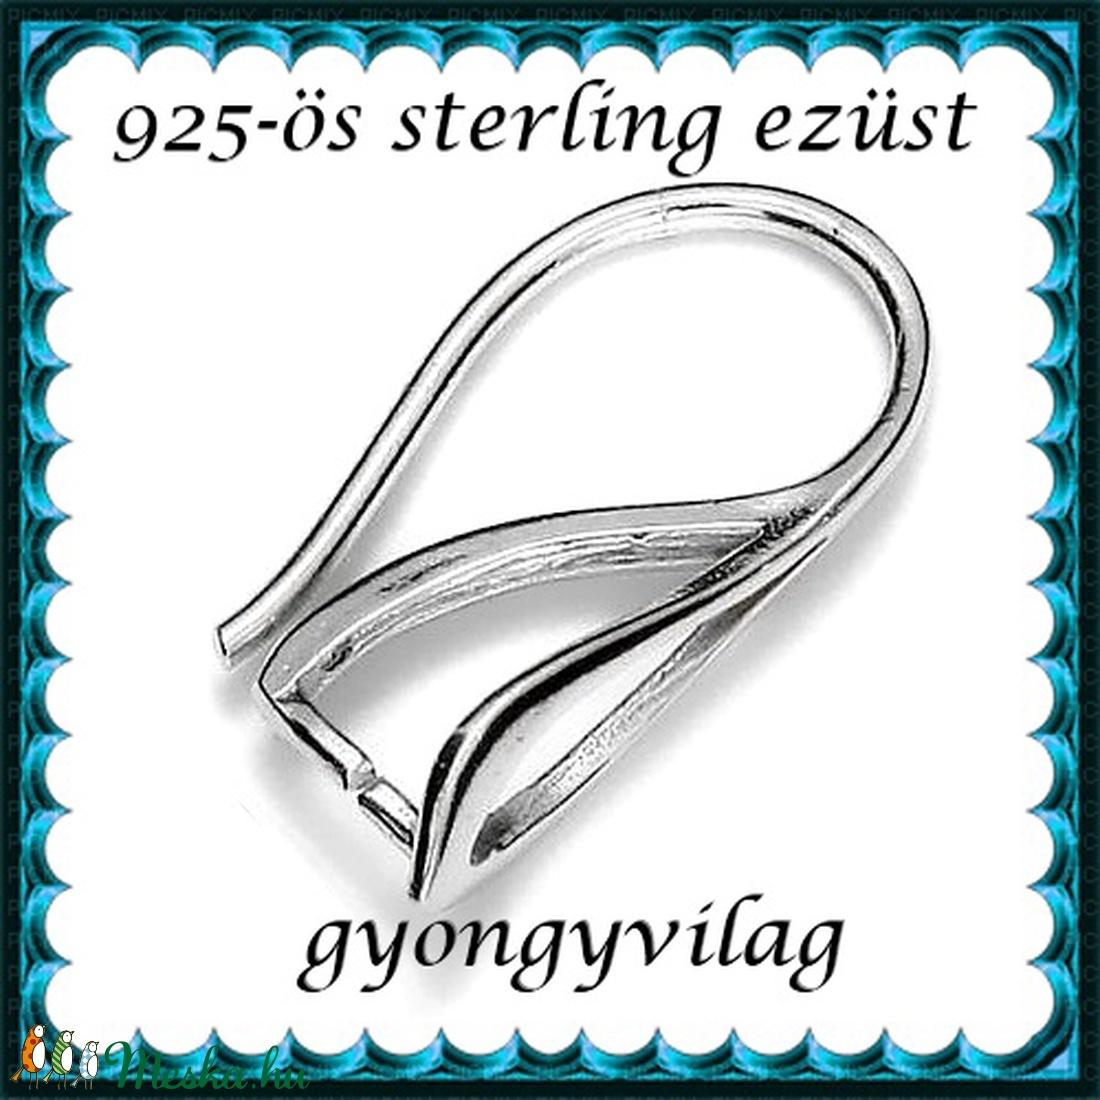 925-ös sterling ezüst ékszerkellék: fülbevalóalap akasztós EFK A 64 - gyöngy, ékszerkellék - egyéb alkatrész - Meska.hu